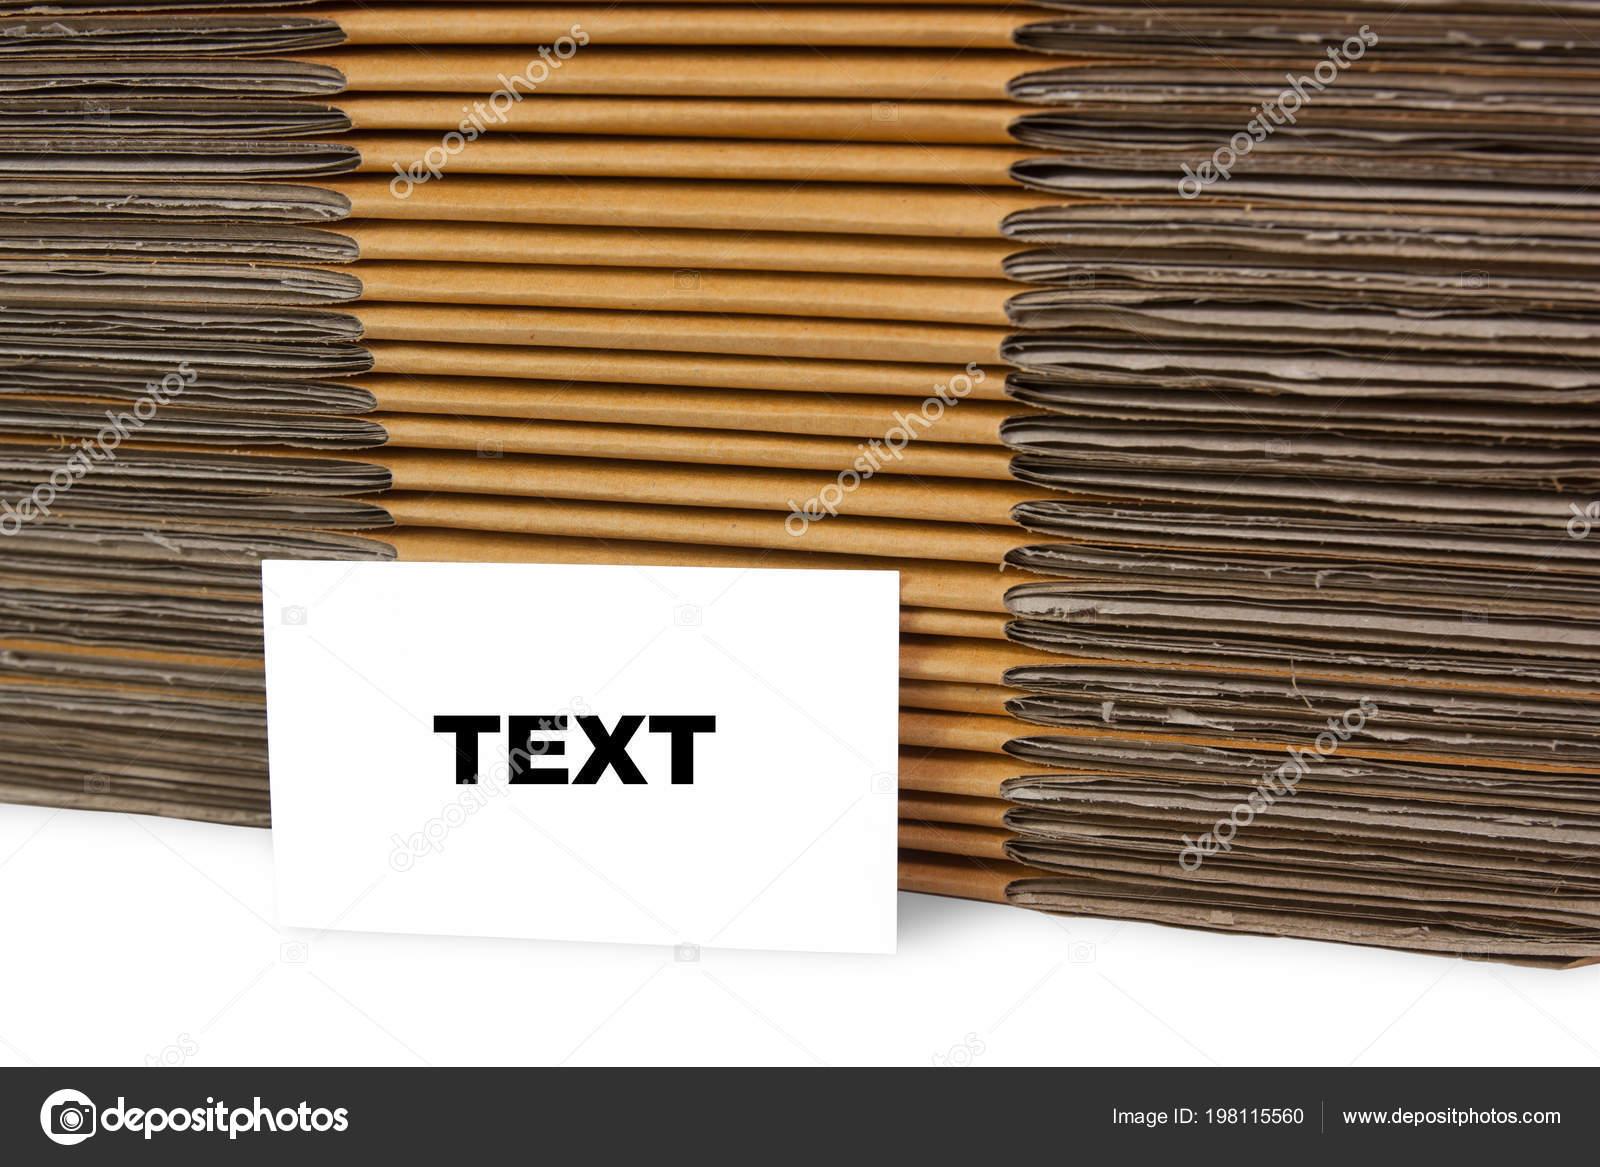 Le Texte Sur La Carte De Visite Les Botes Papier Fond Image Sibadanpics